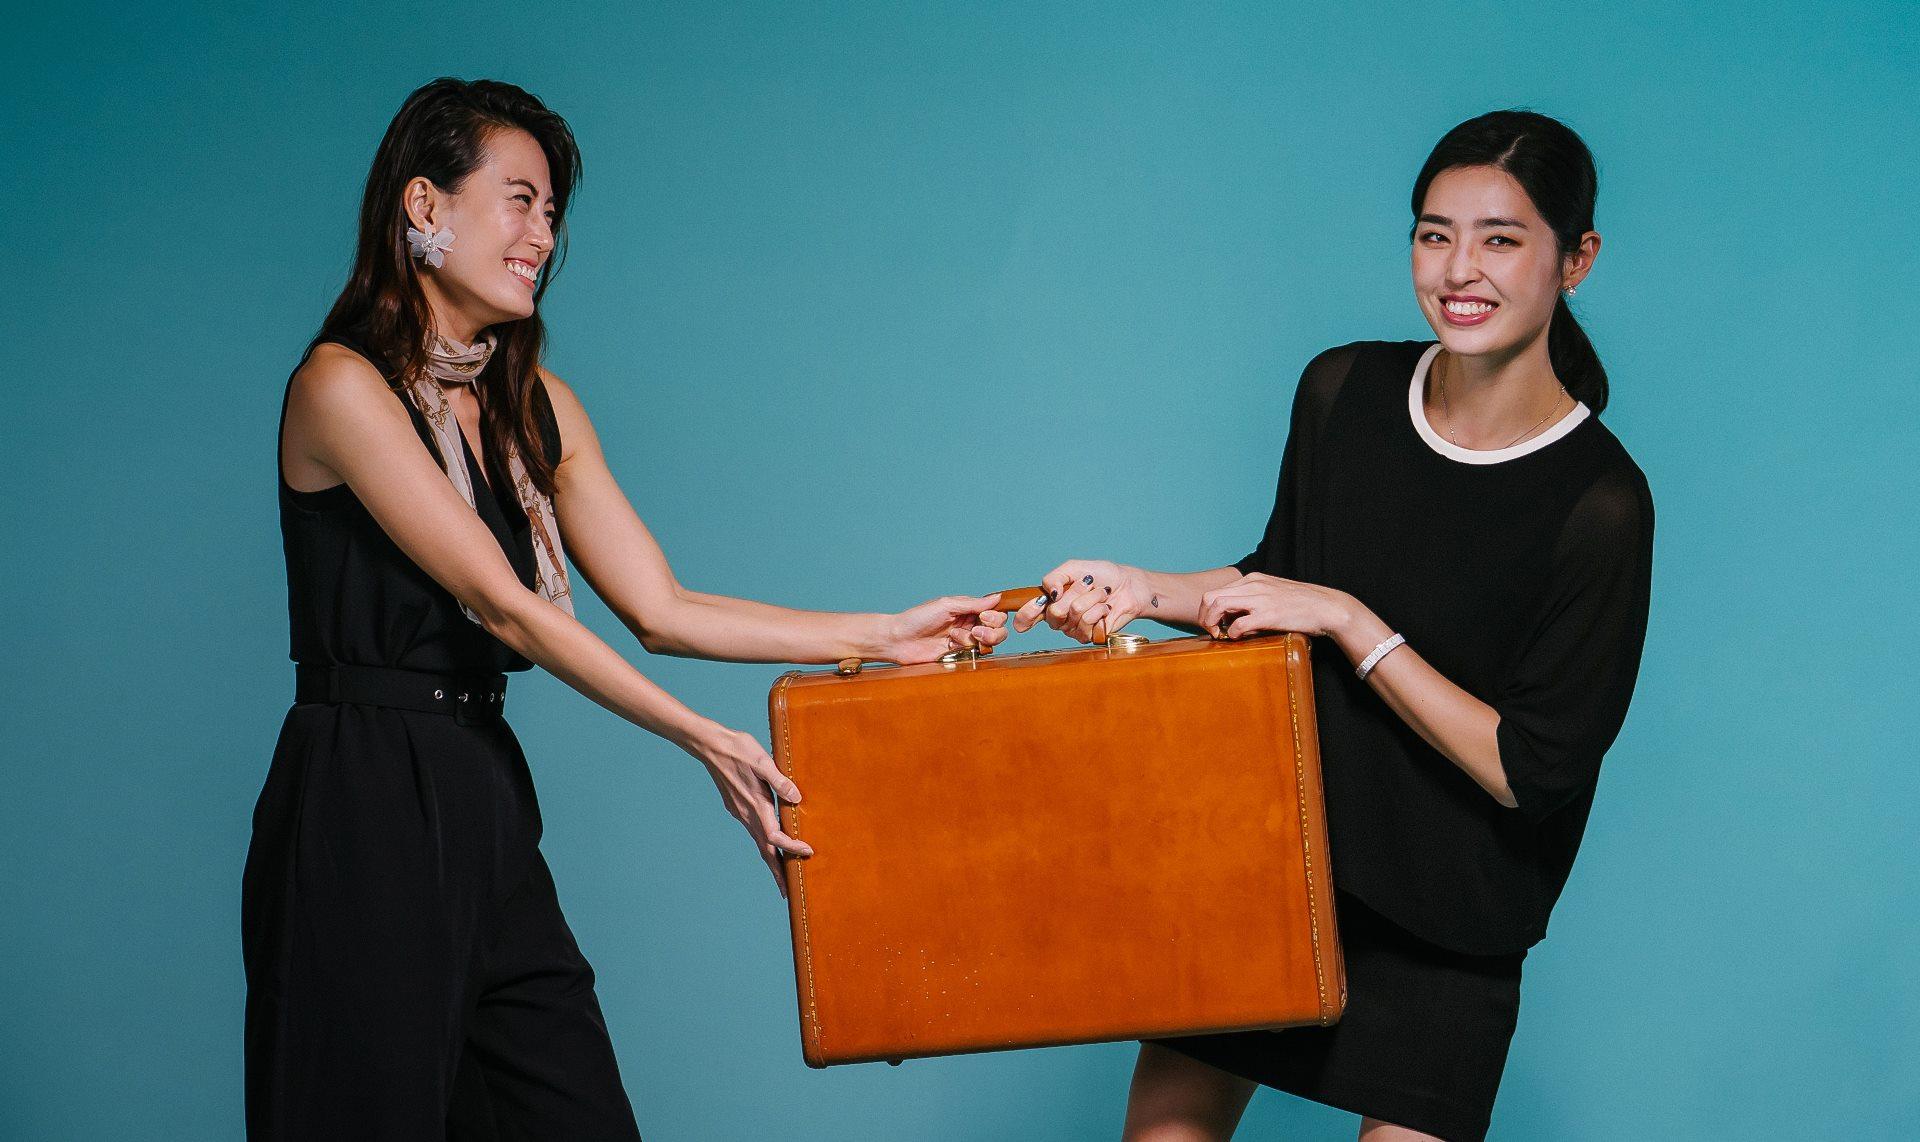 Frauen ziehen an einem Koffer- teilen geht einfacher